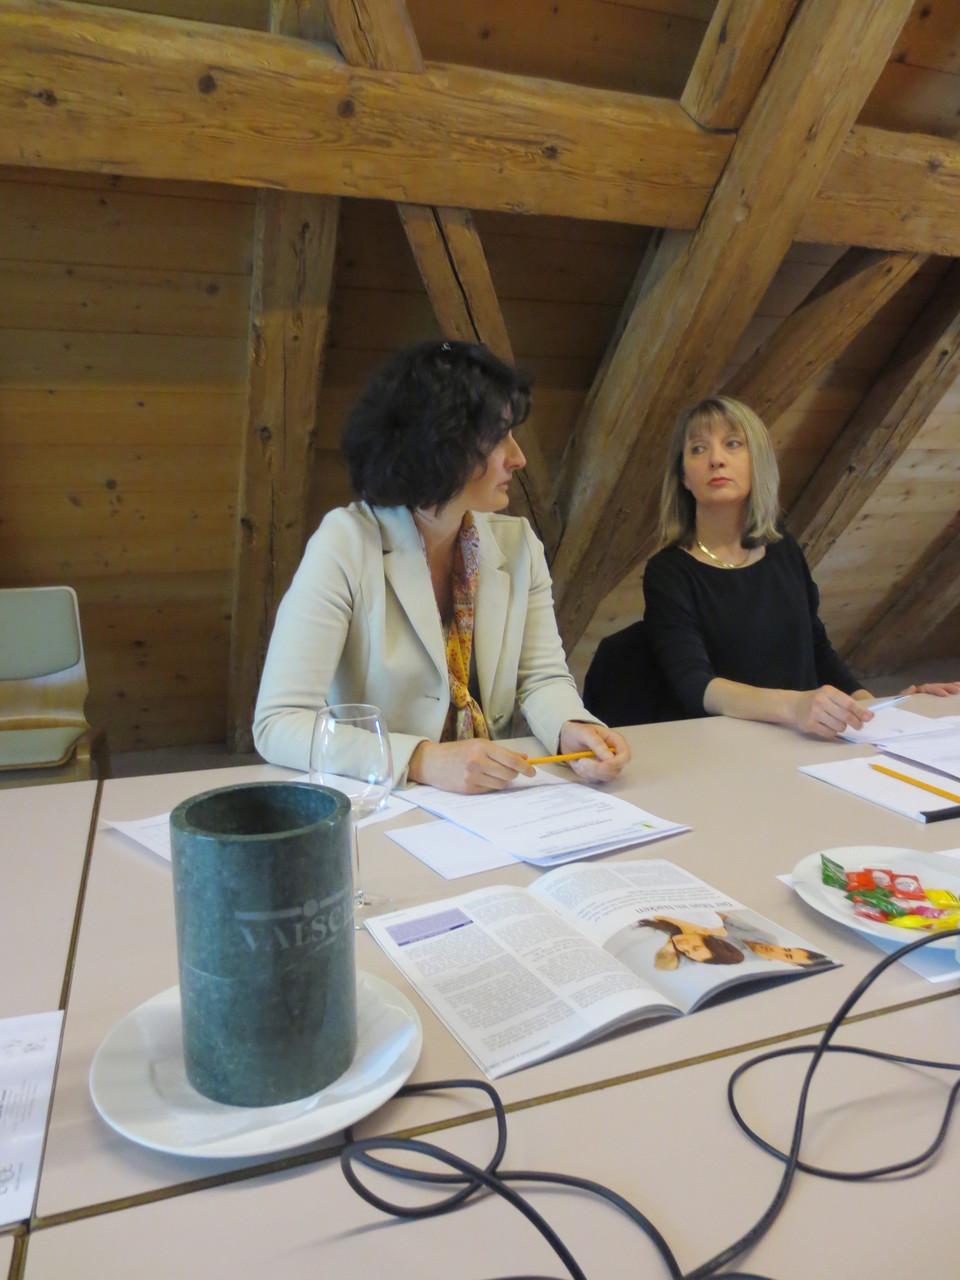 Die VDSV-Mitglieder Lorena Laffranchini Bonanomi und Franziska Bornhauser vor HV-Beginn im Gespräch